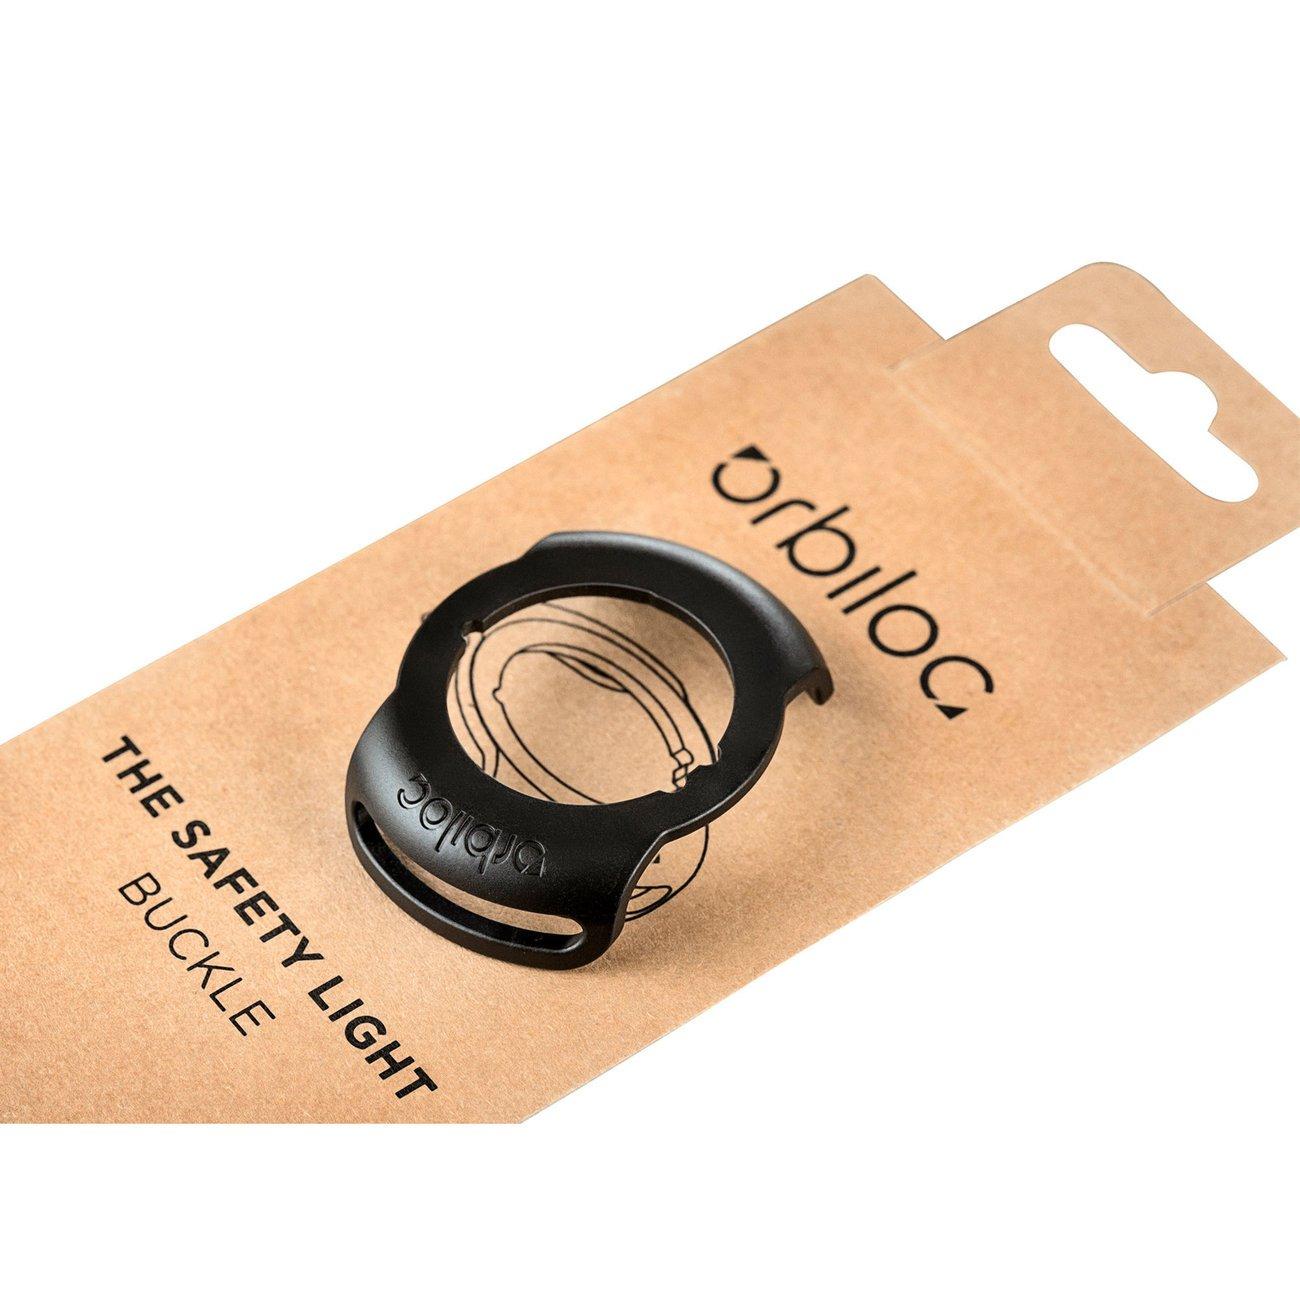 Orbiloc Safety Light Ersatzteile und Zubehör, Bild 11